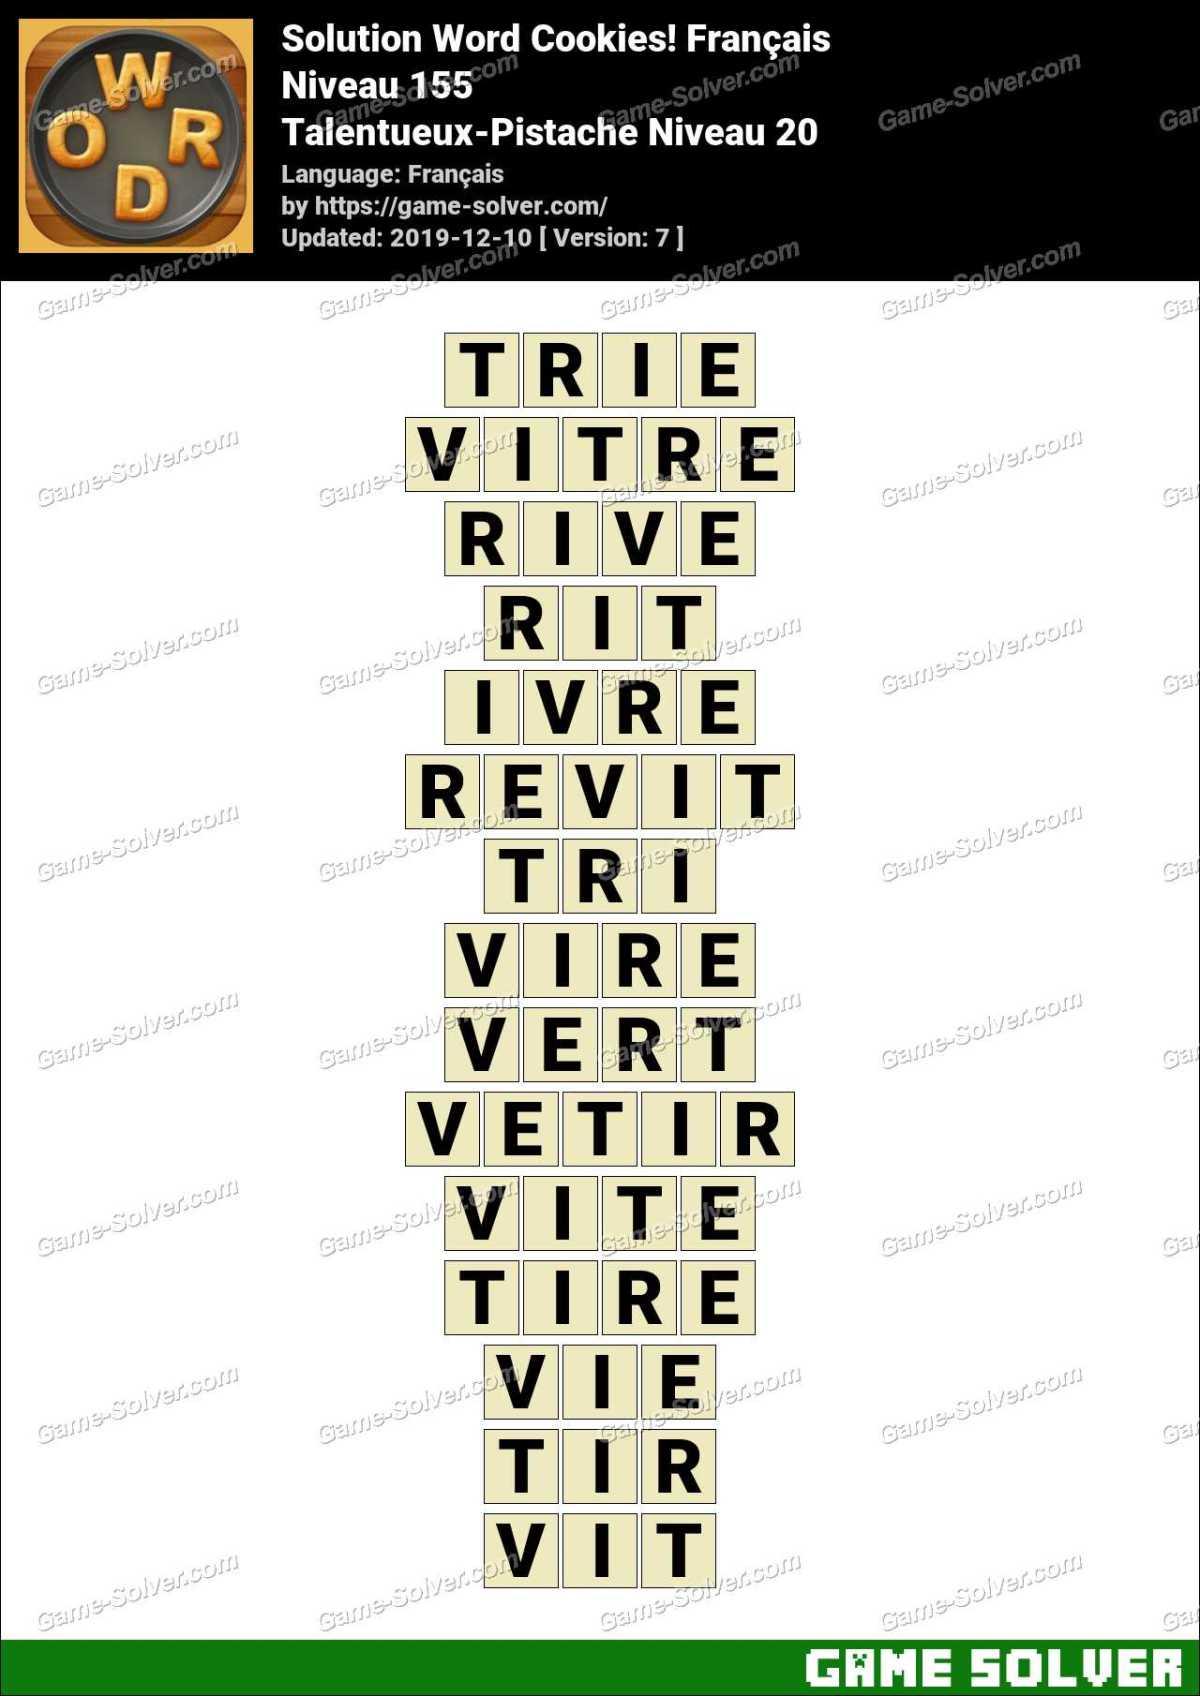 Solution Word Cookies Talentueux-Pistache Niveau 20